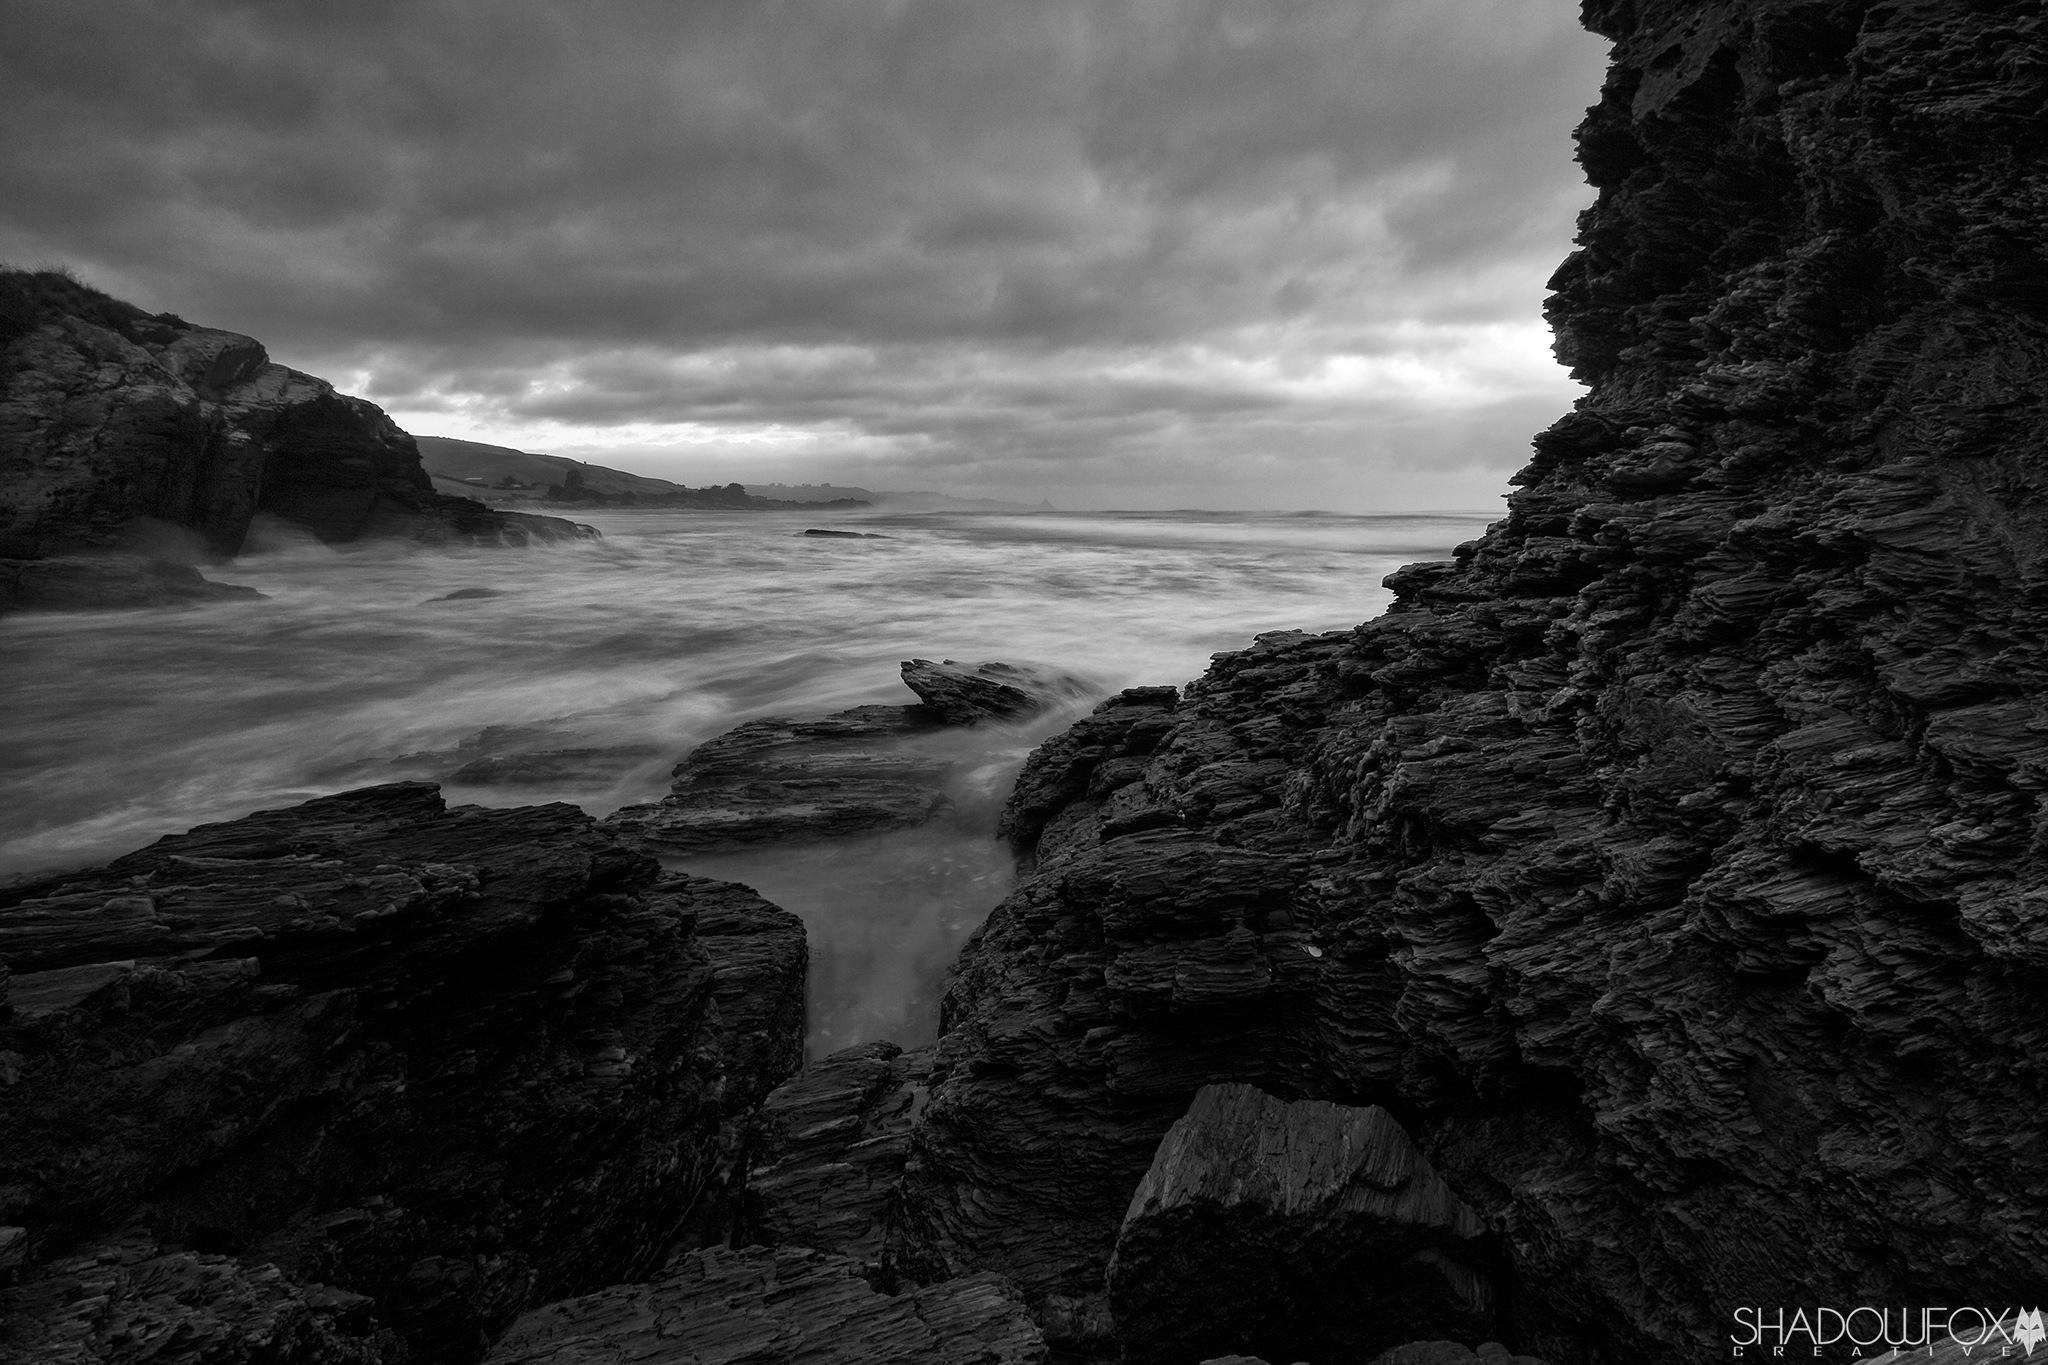 Ocean view by Mark Fox